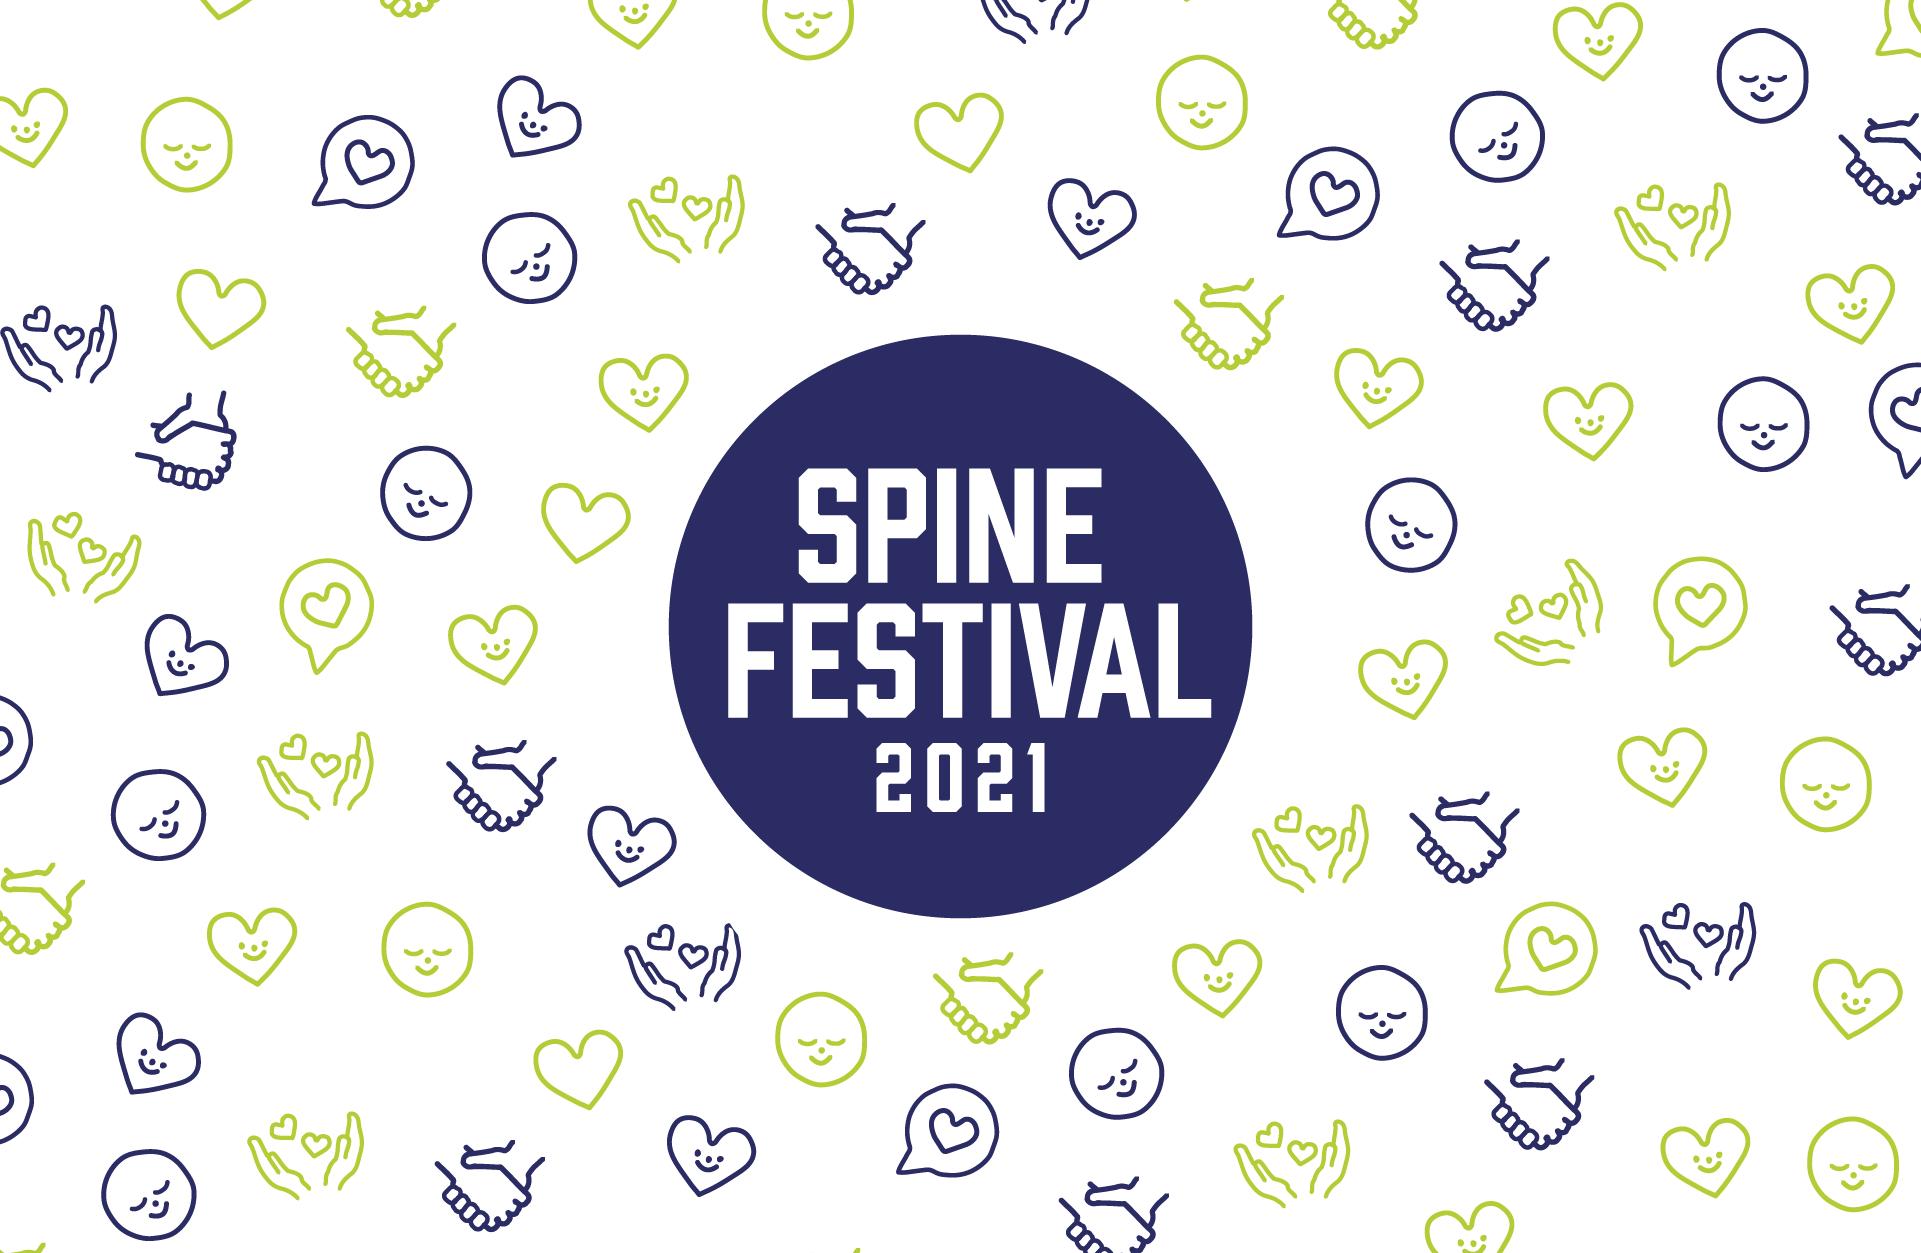 SPINE Festival 2021